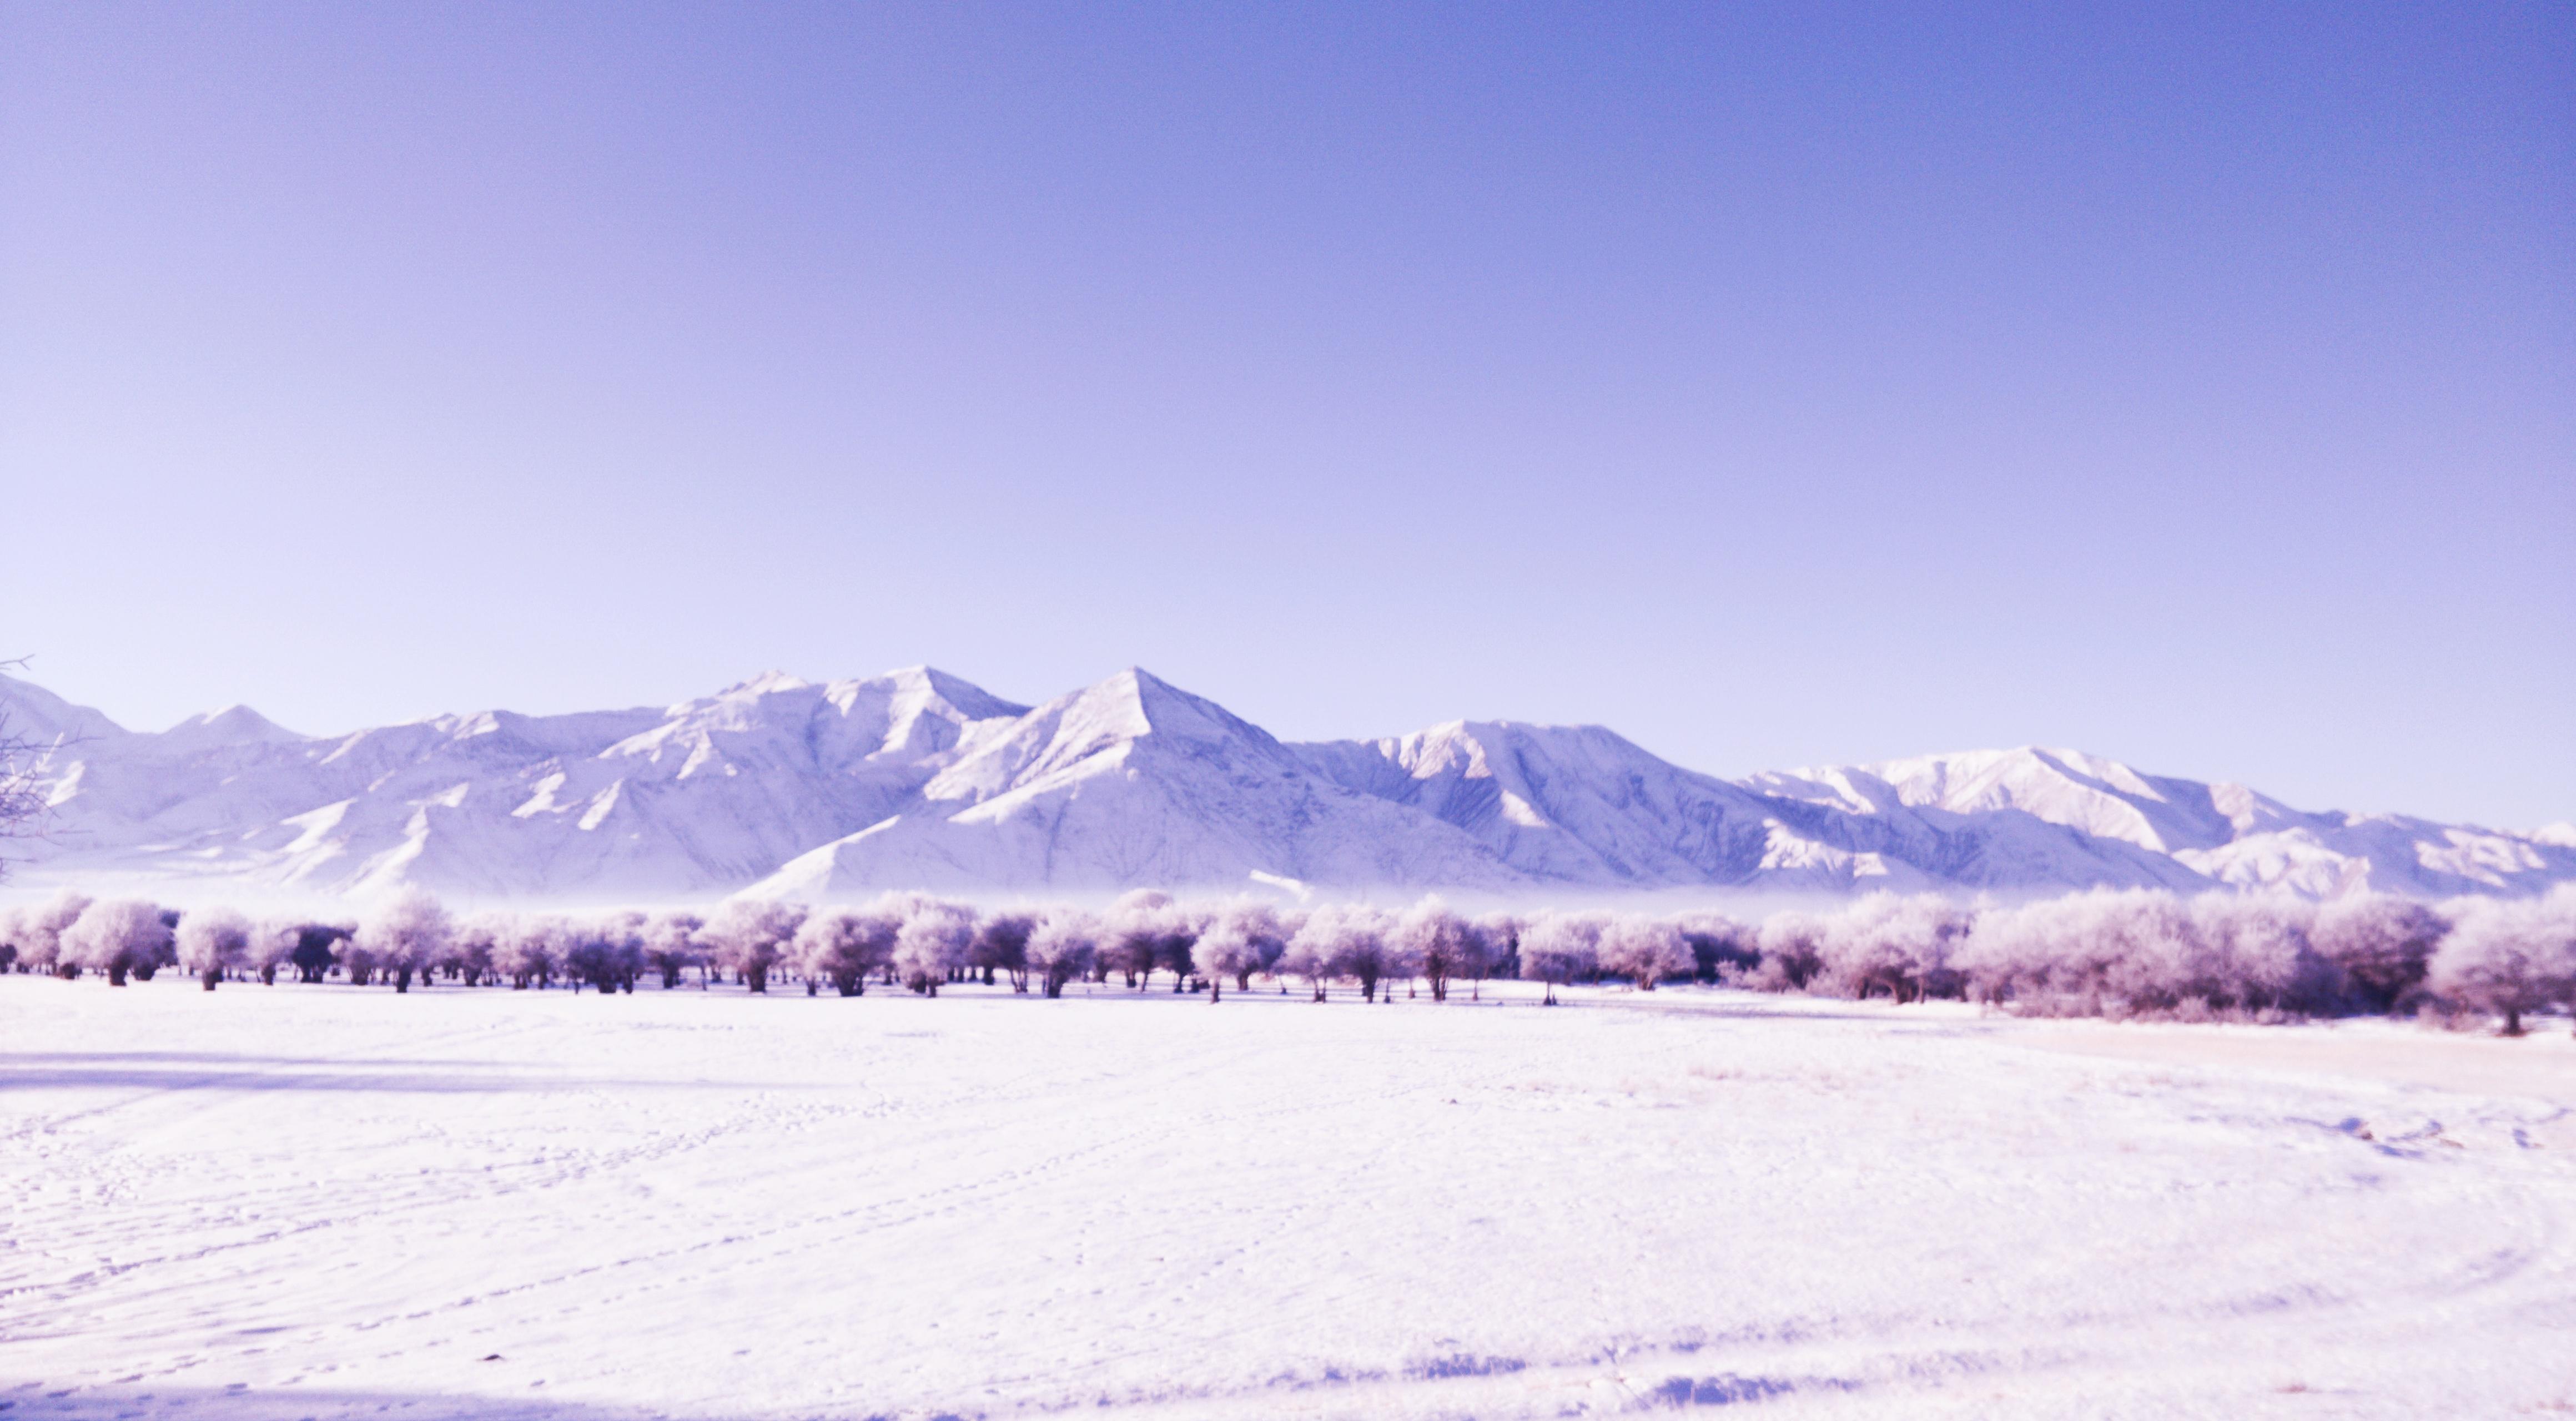 雪景37.jpg